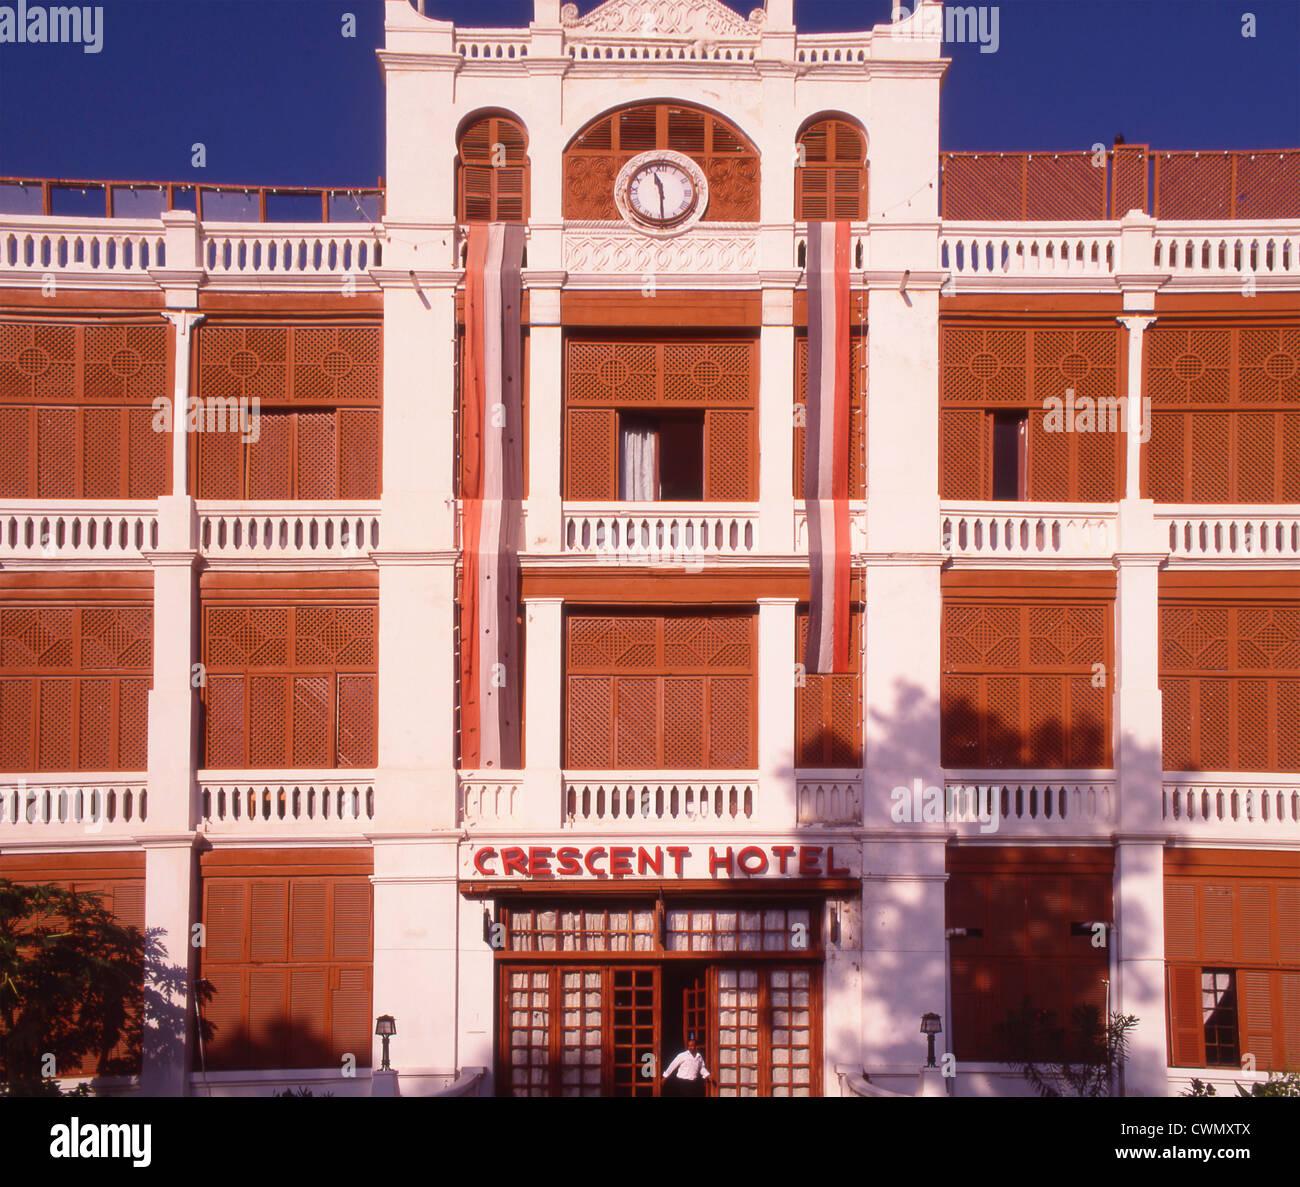 Yemen, Aden, Crescent Hotel - Stock Image